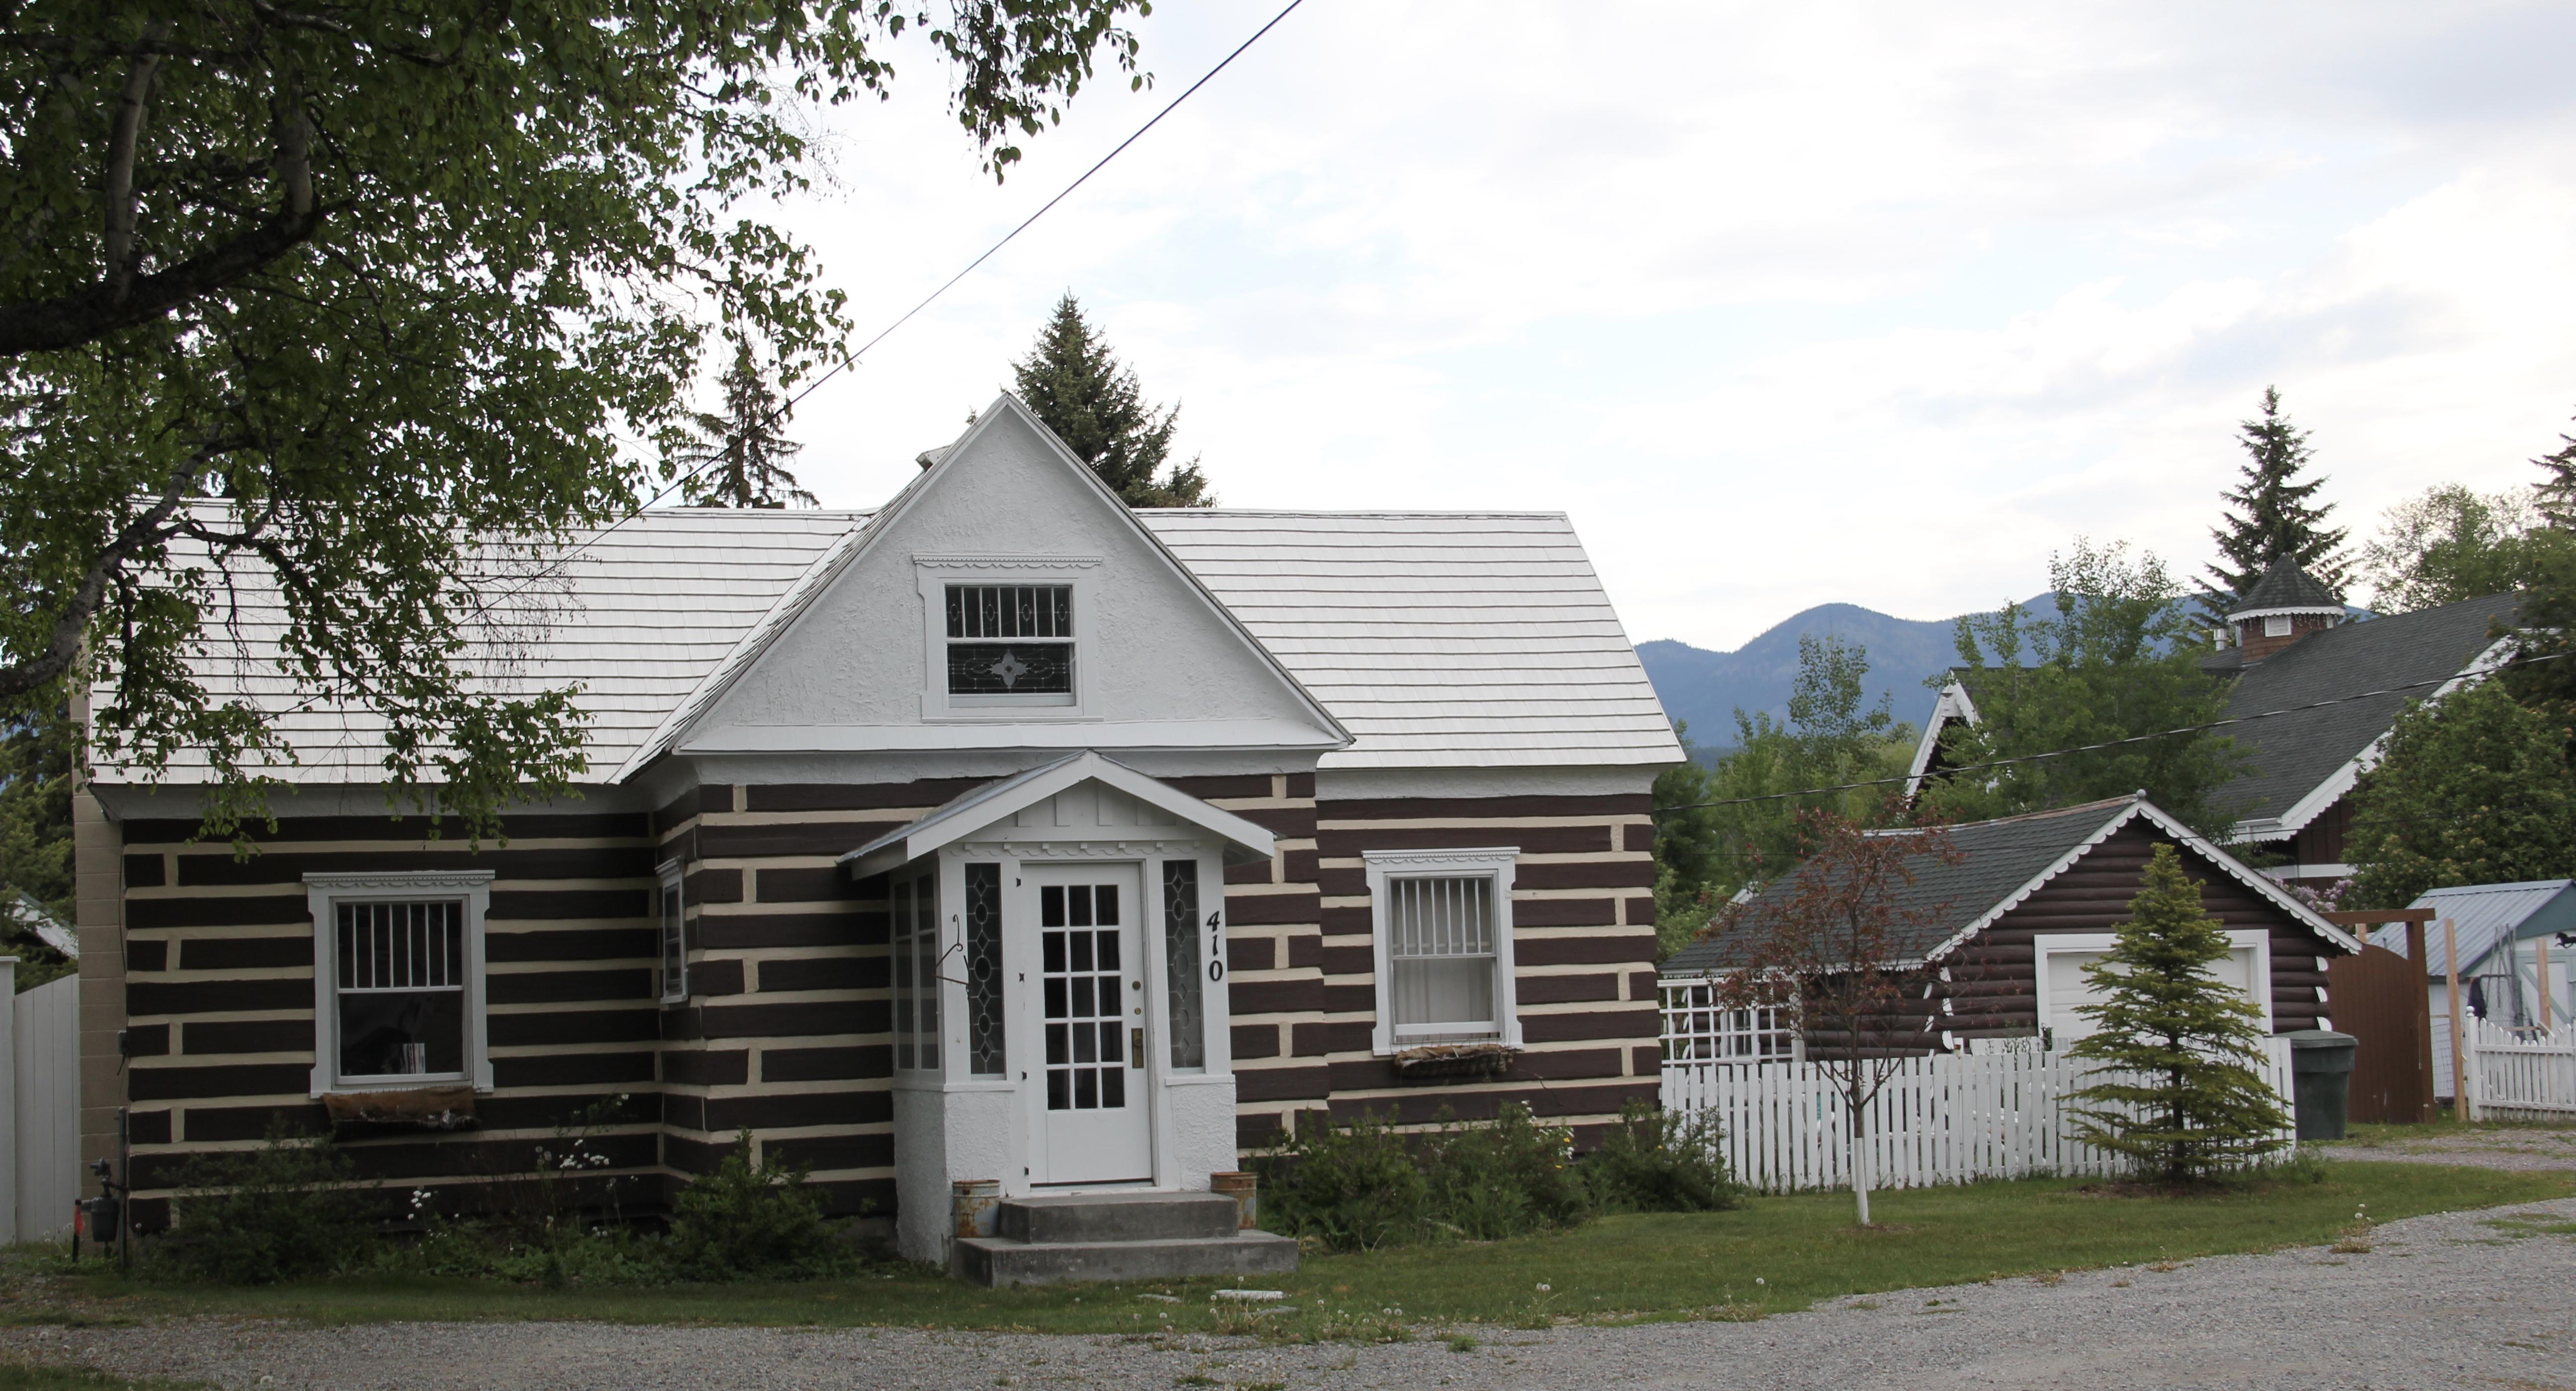 Flathead Co Whitefish railroad tie house